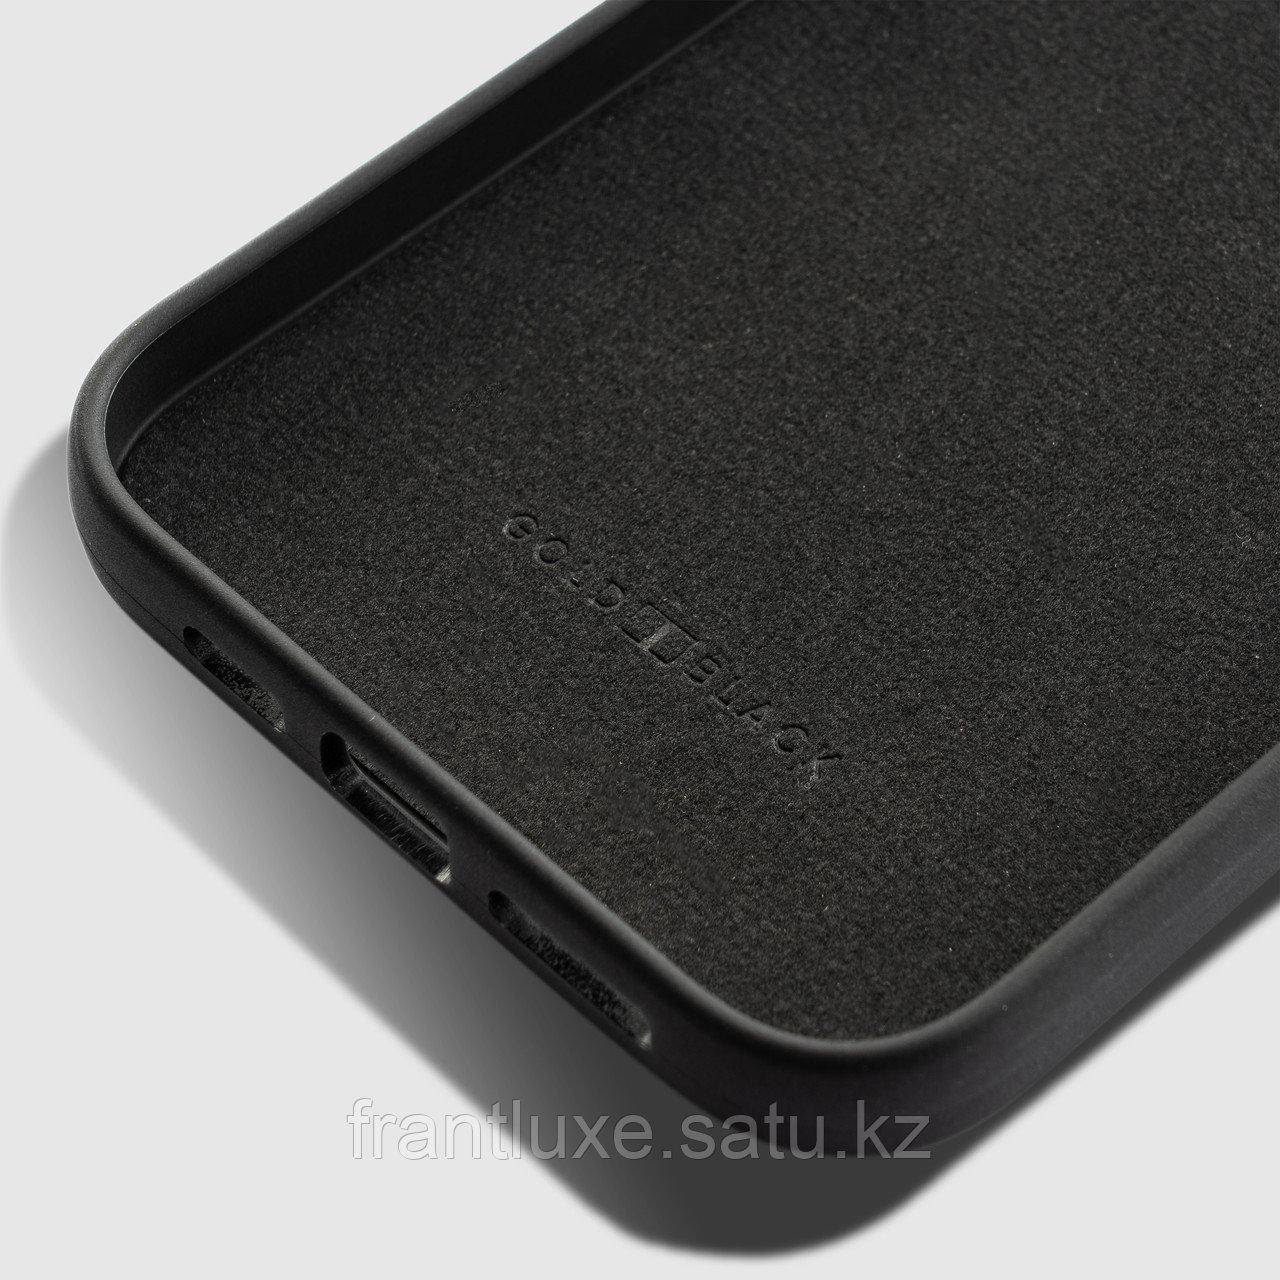 Чехол для телефона iPhone 12 Pro Max с ремешком-держателем Nappa Black - фото 5